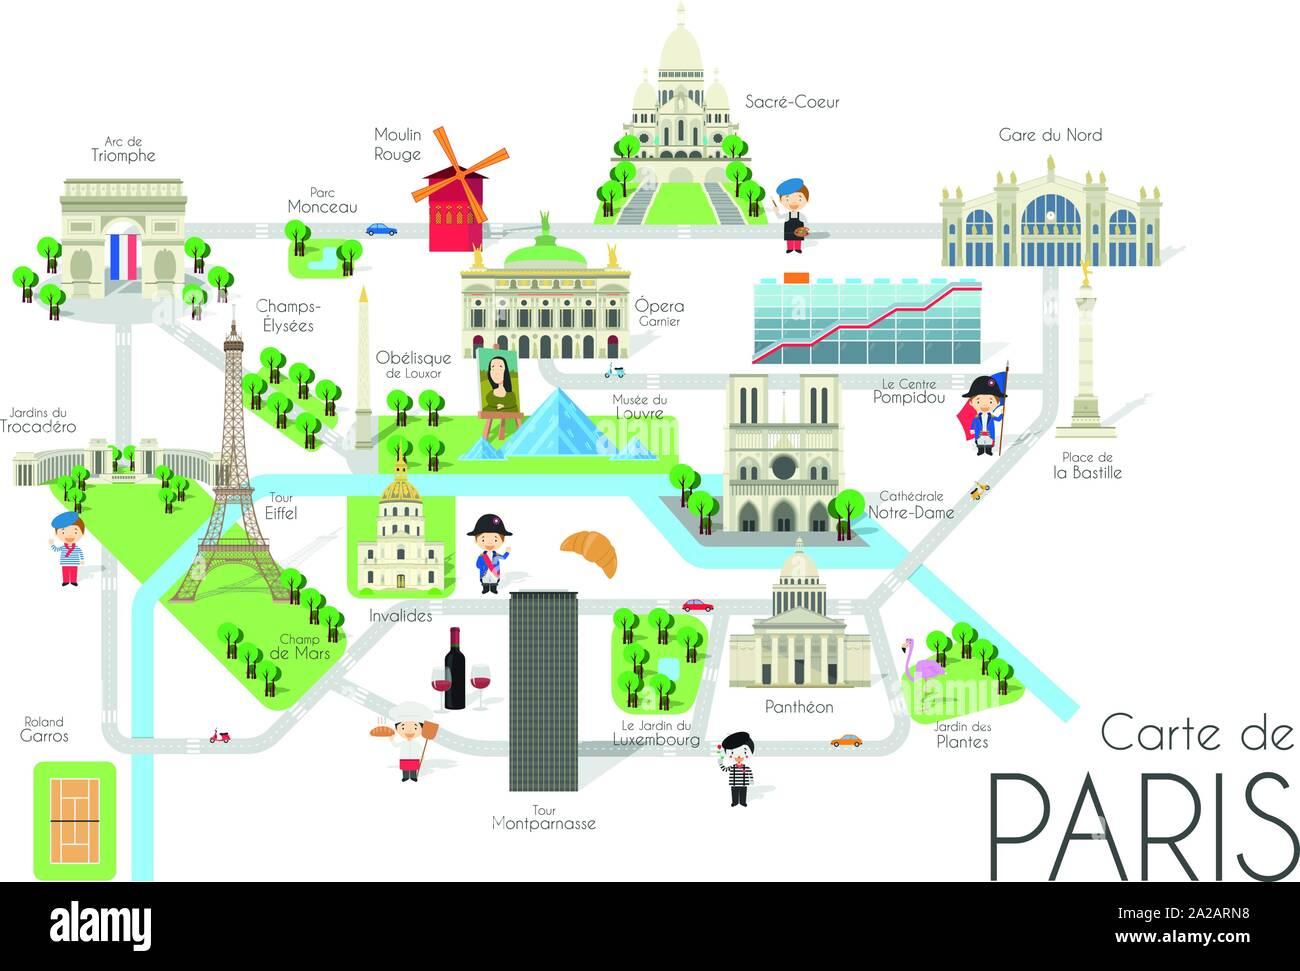 Cartina Della Francia Con Monumenti.Cartoon Mappa Vettoriale Della Citta Di Parigi Francia Illustrazione Di Viaggio Con Punti Di Riferimento E Attrazioni Principali Immagine E Vettoriale Alamy